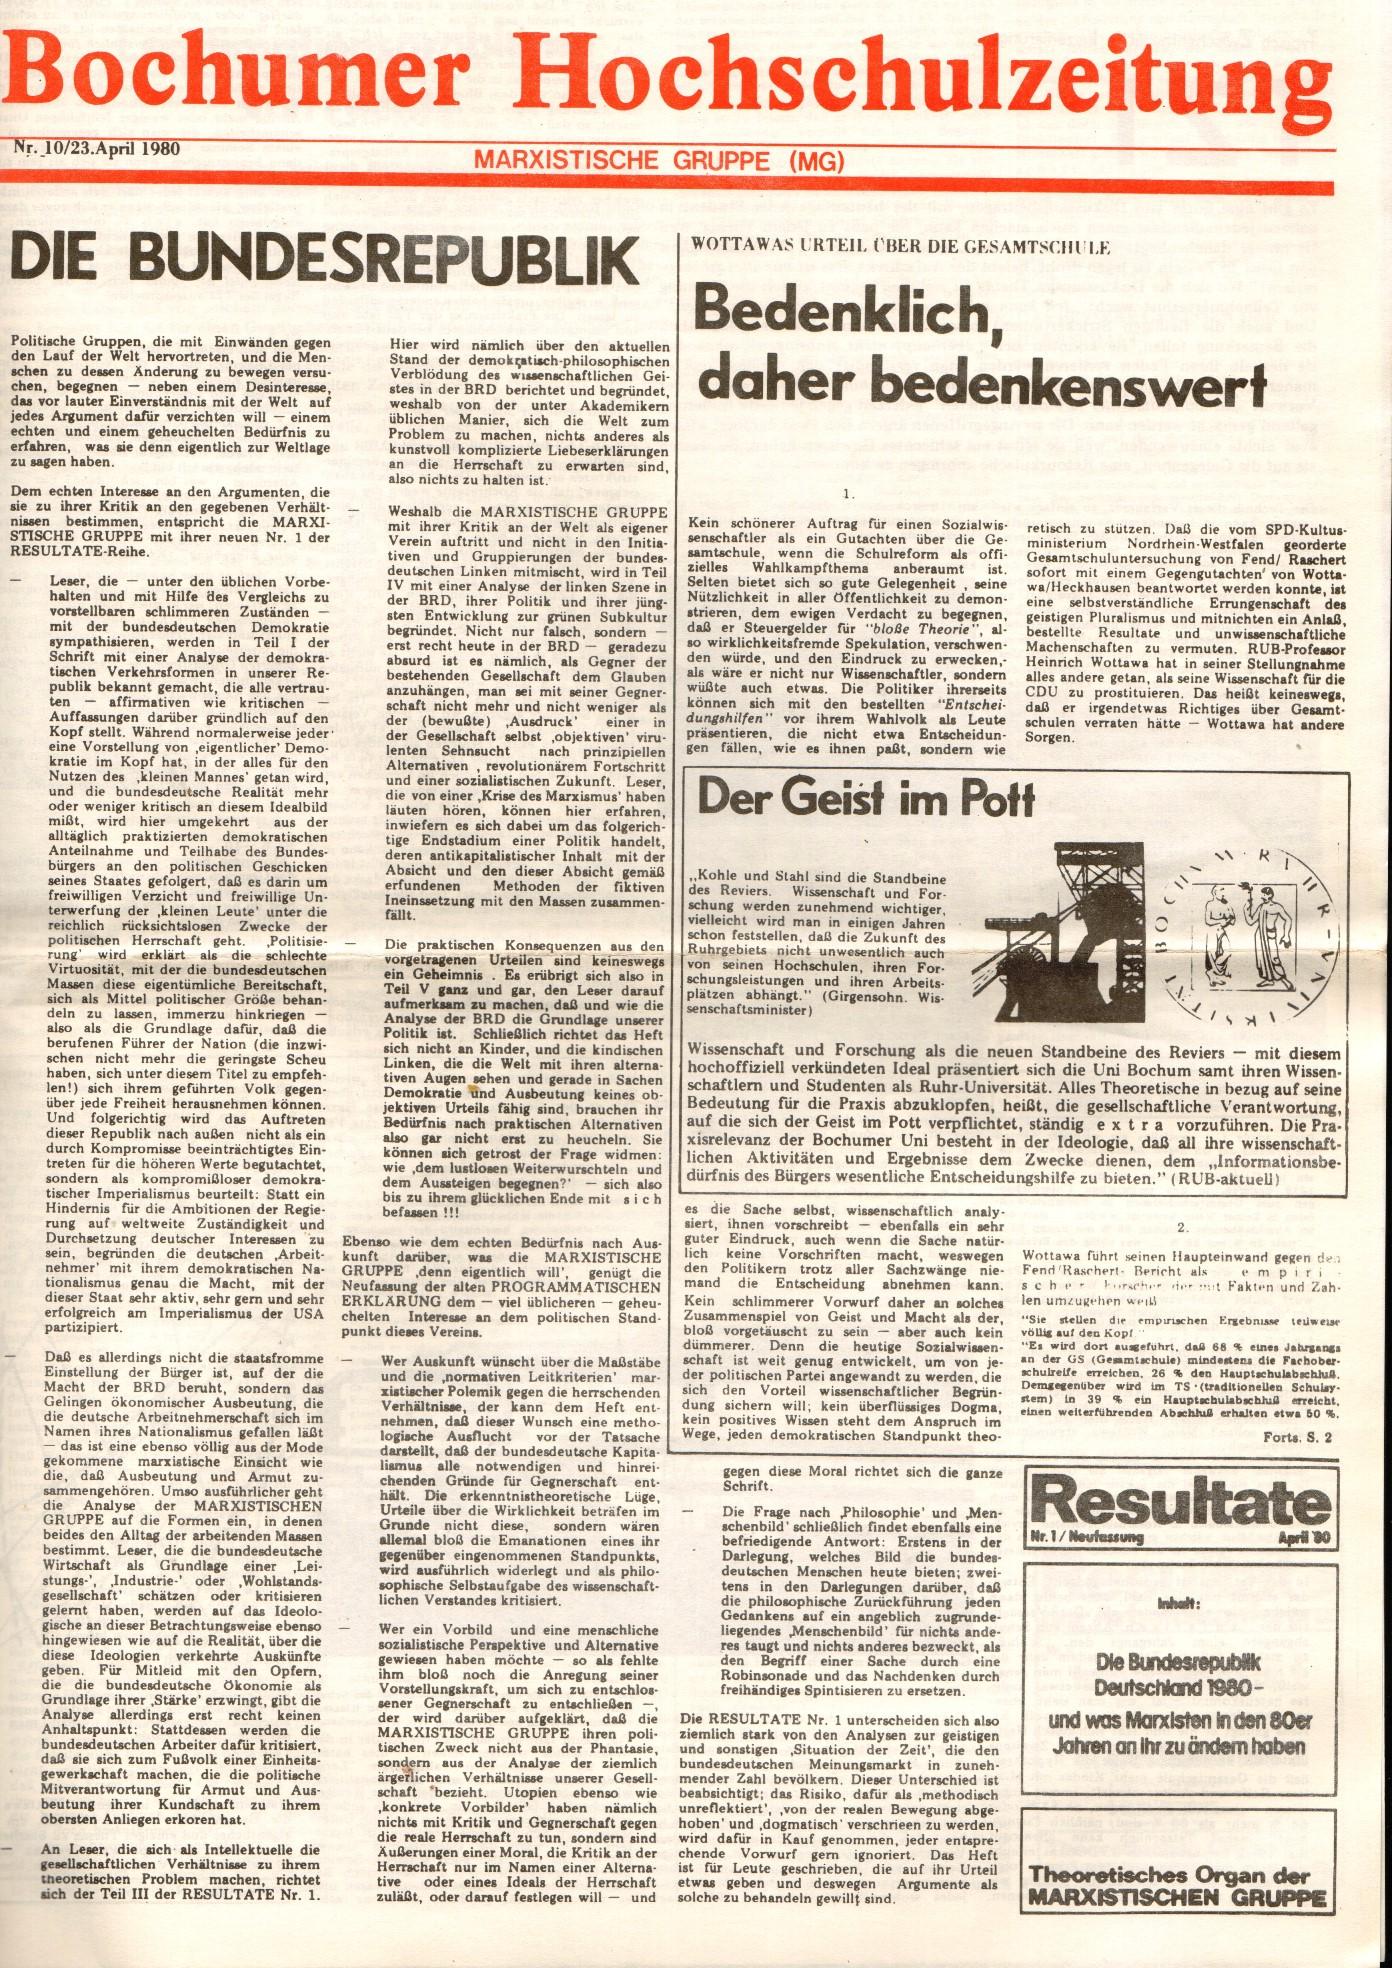 MG_Bochumer_Hochschulzeitung_19800423_01